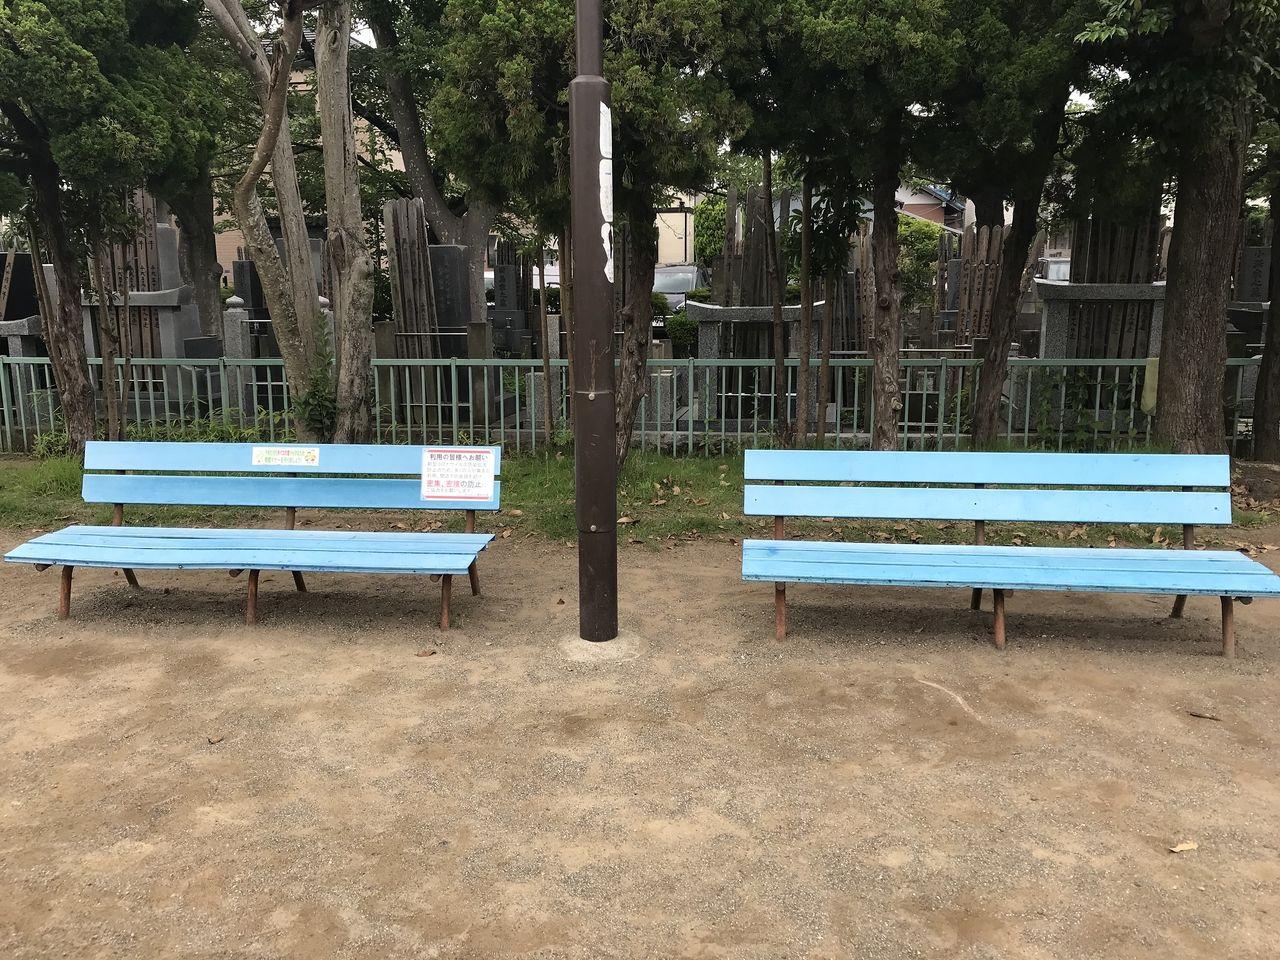 妙典の元新田公園の墓地の前のベンチ